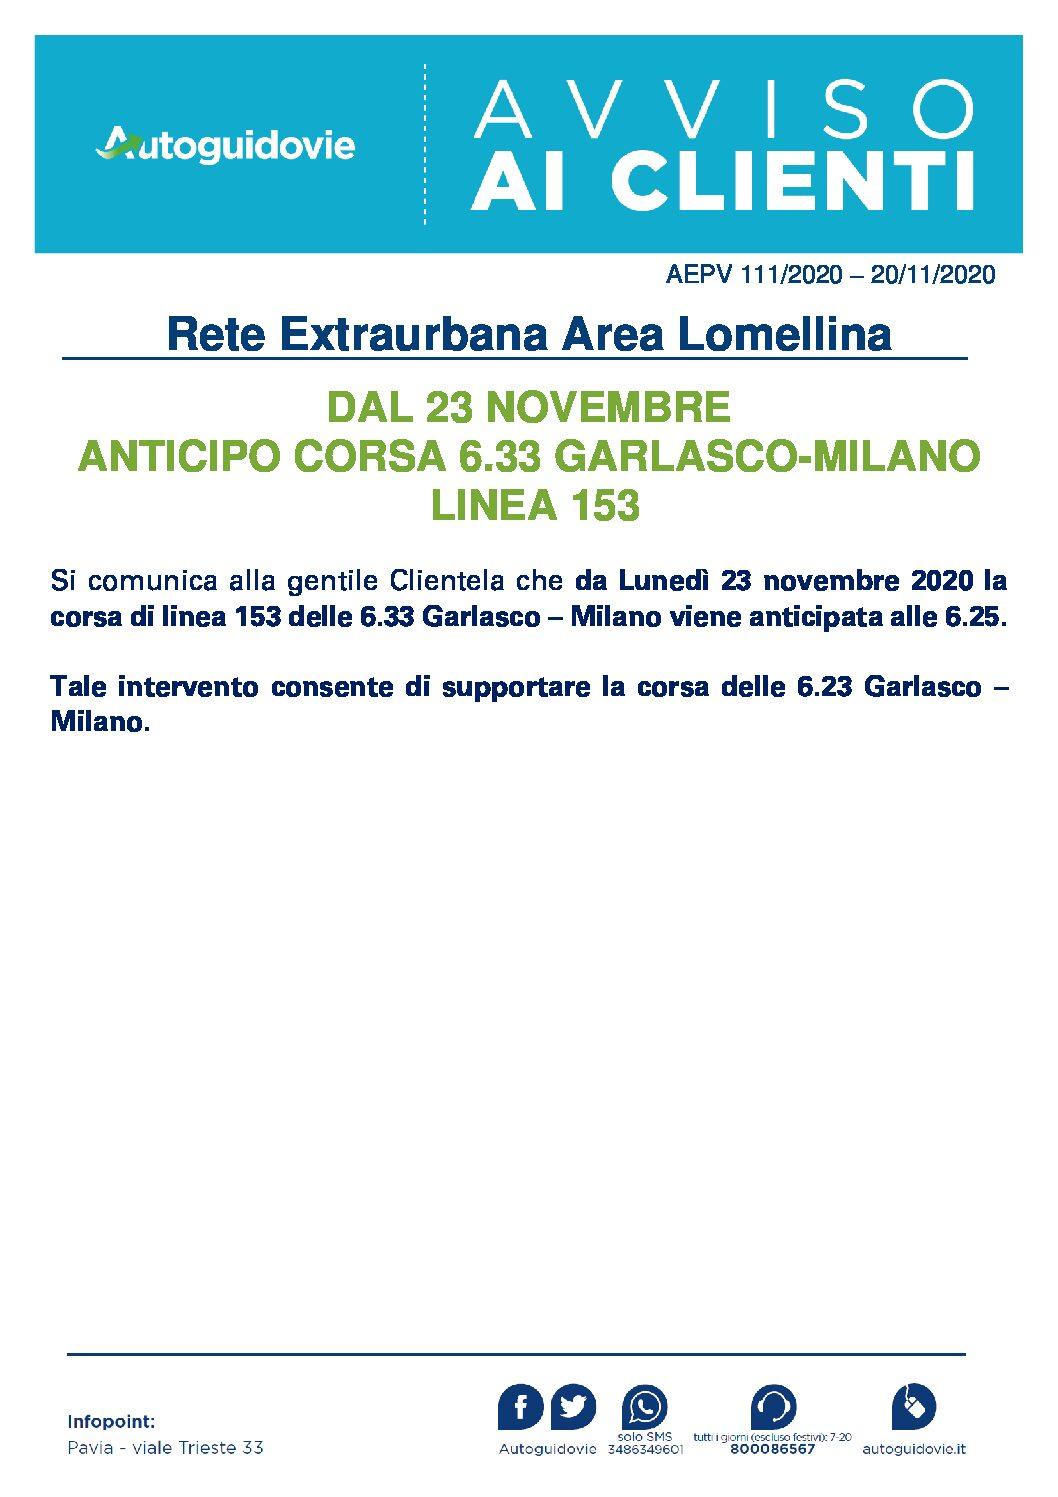 AUTOGUIDOVIE: DAL 23 NOVEMBRE ANTICIPO CORSA 6.33 GARLASCO-MILANO LINEA 153